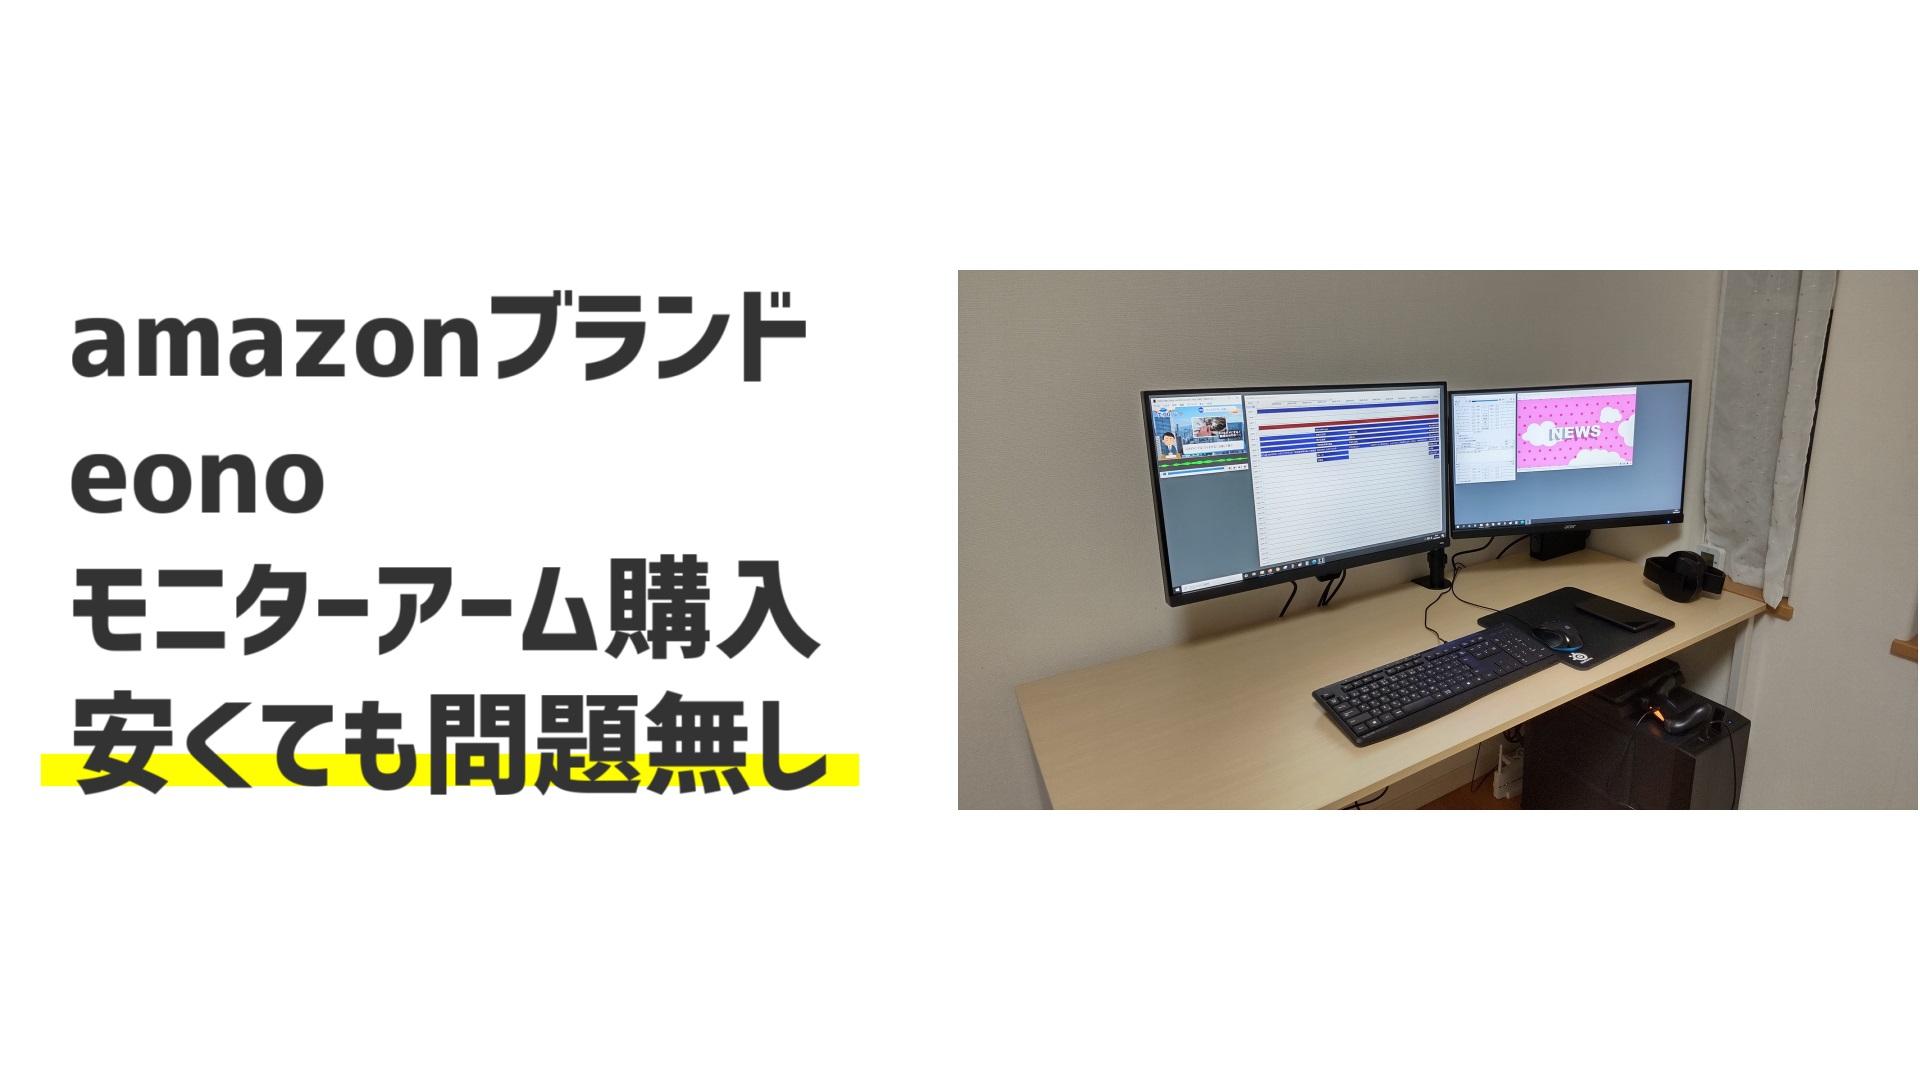 """amazonブランド""""eono""""モニターアームを購入。デュアルモニターで作業効率改善。"""